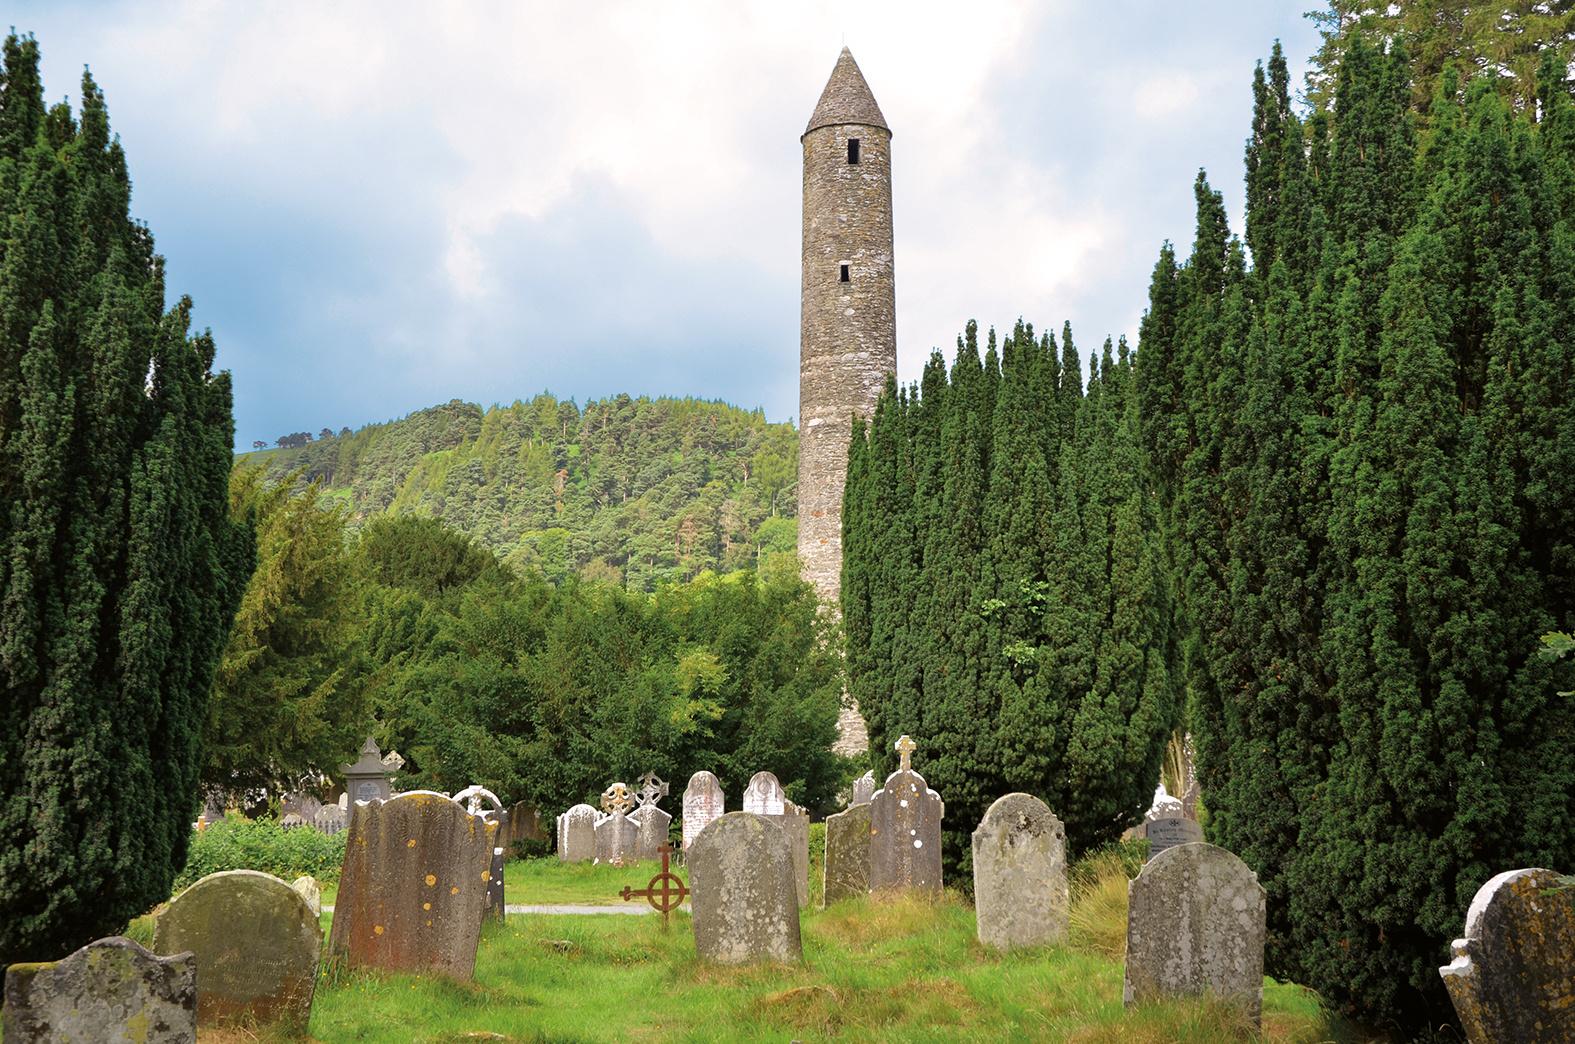 Glendalough, St. Kevins Kitchen, Friedhof und Rundturm, Irland